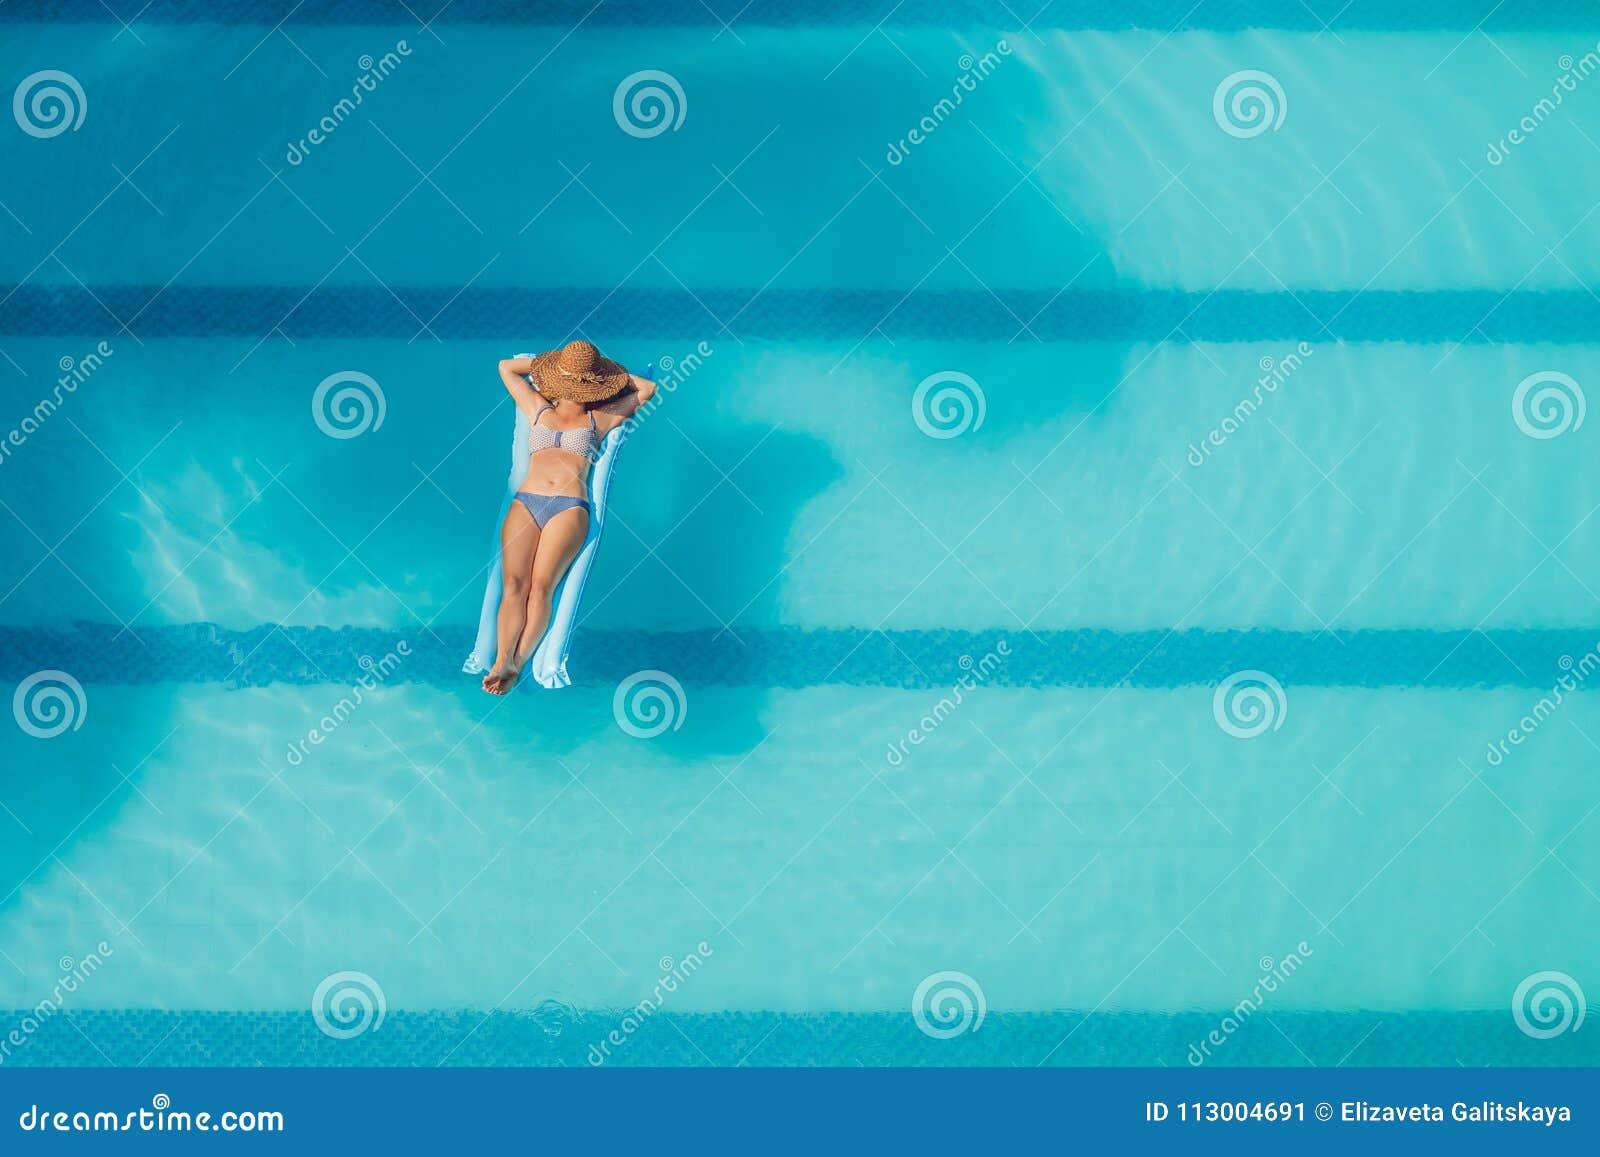 Disfrutar de bronceado Concepto de las vacaciones Opinión superior la mujer joven delgada en bikini en el colchón de aire azul en